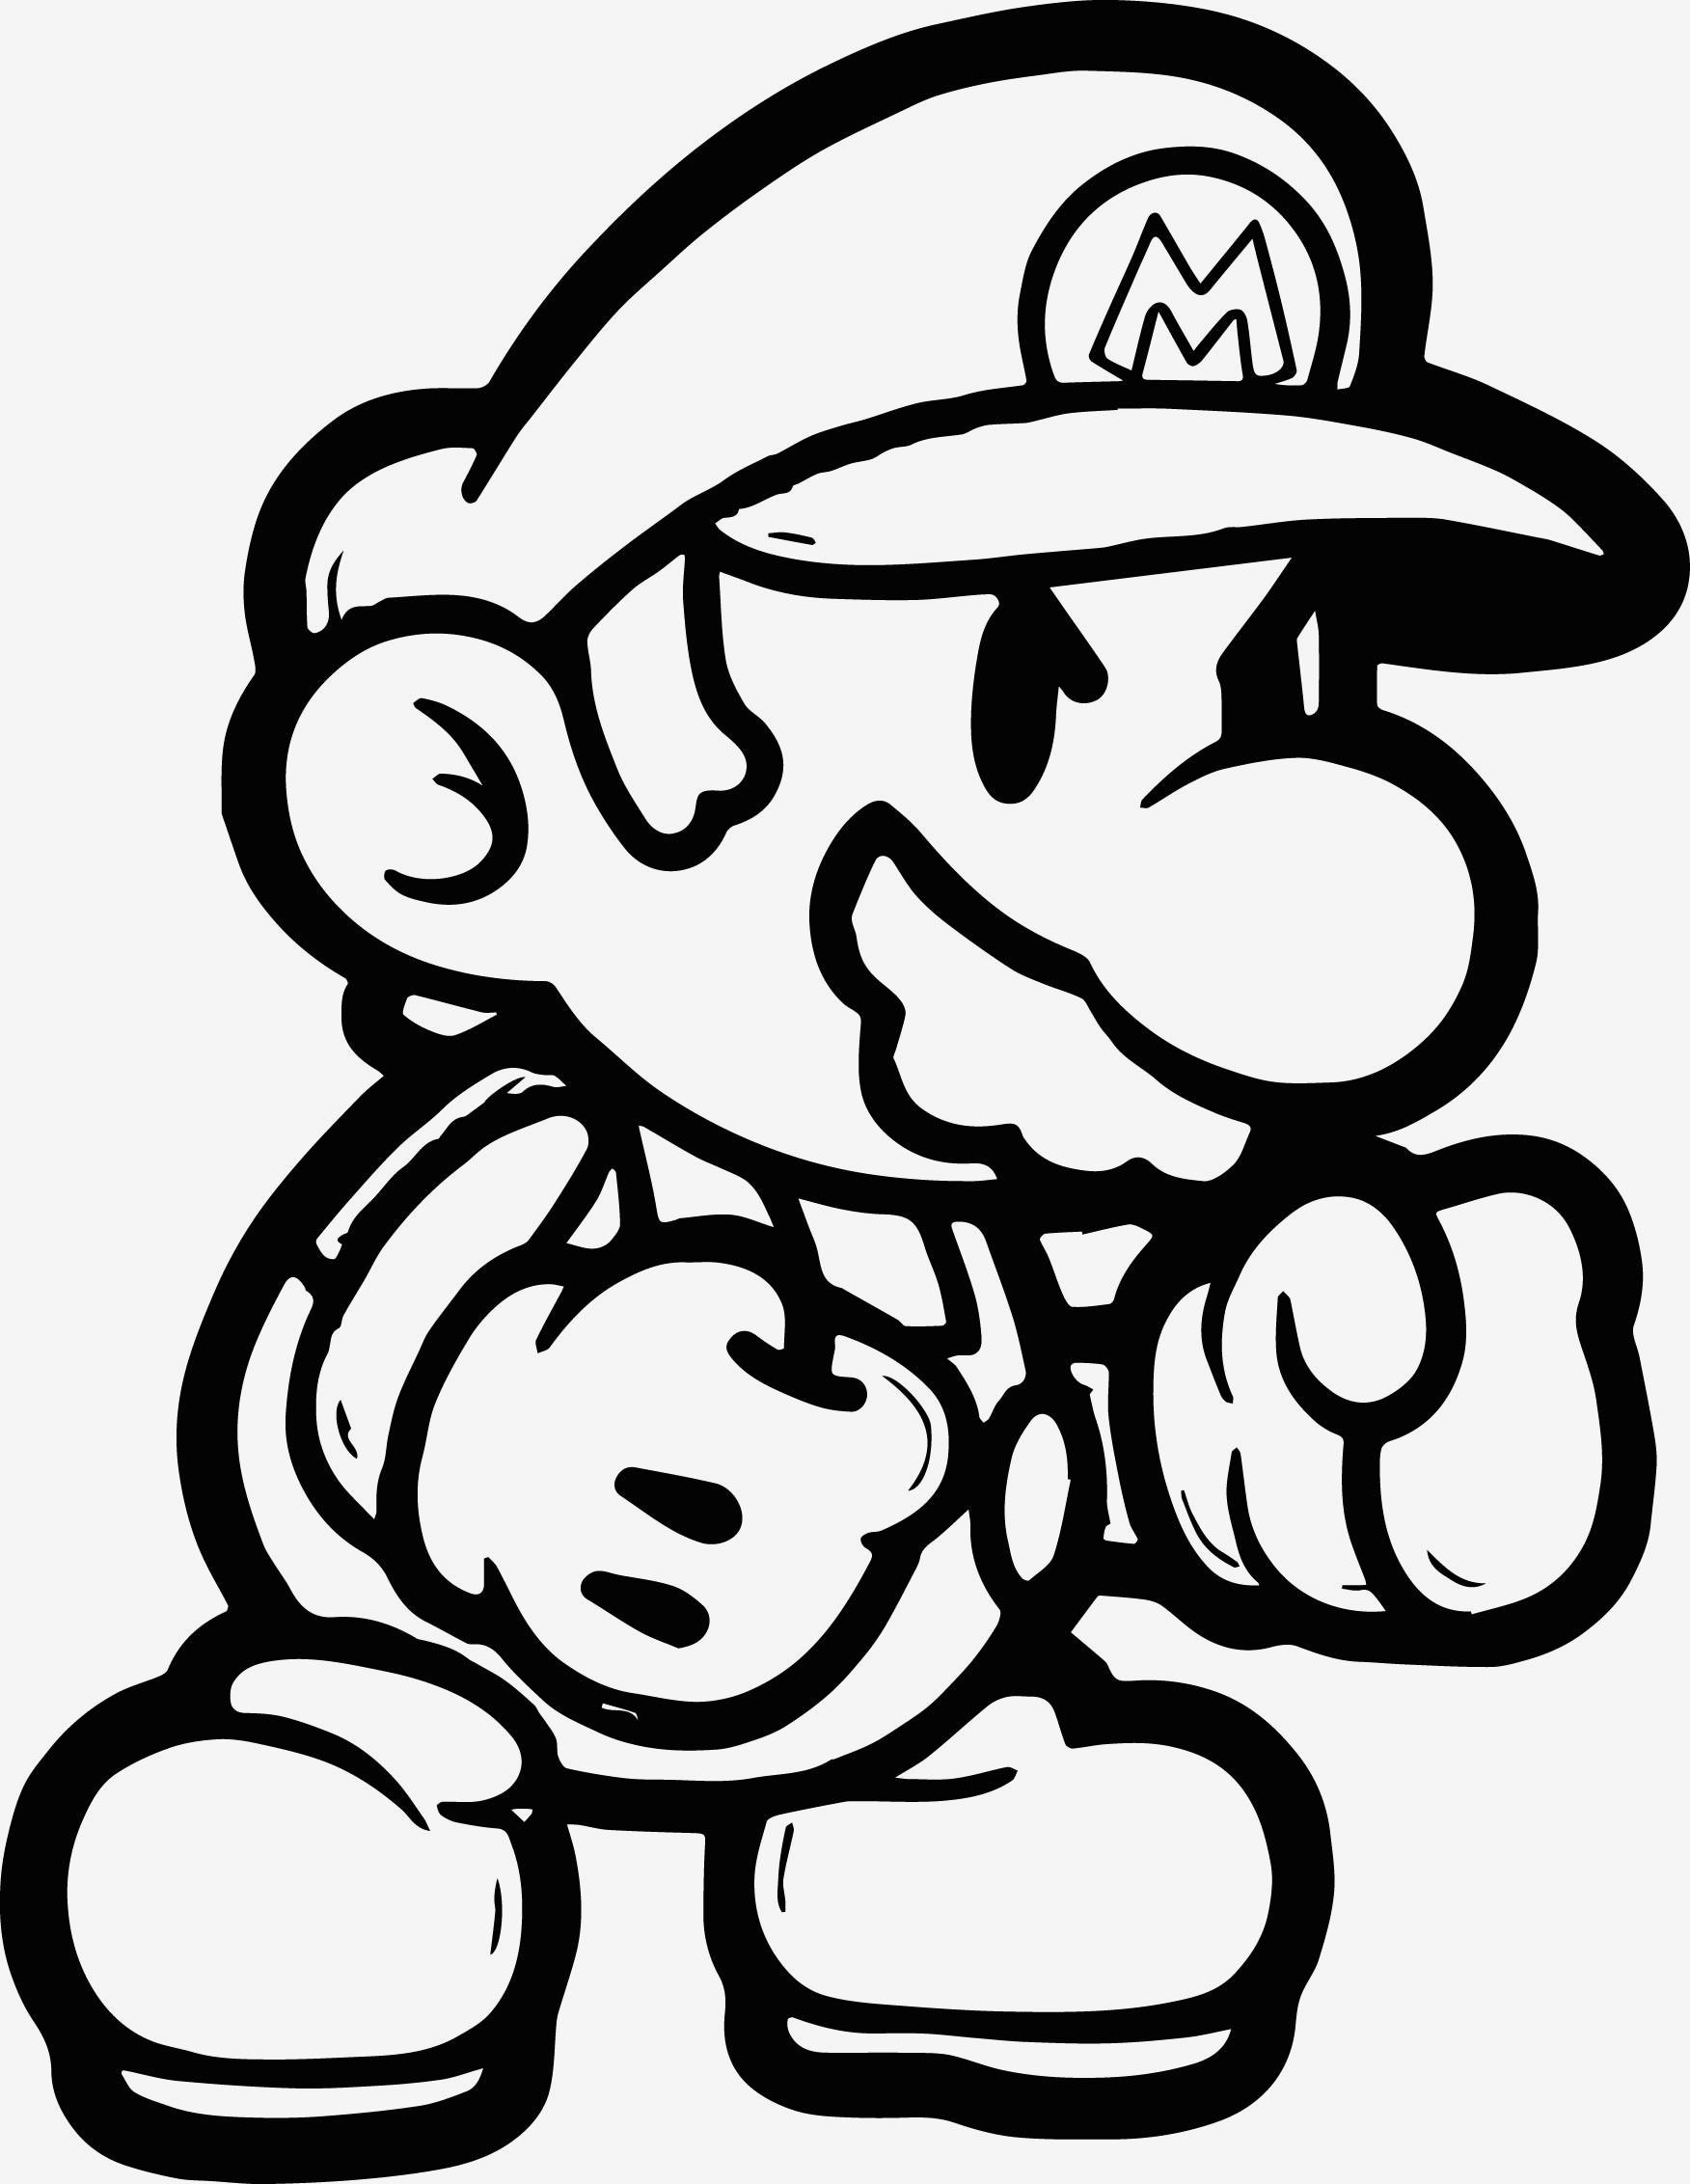 Super Mario Malvorlage Frisch Spannende Coloring Bilder Super Mario Malvorlagen Bilder